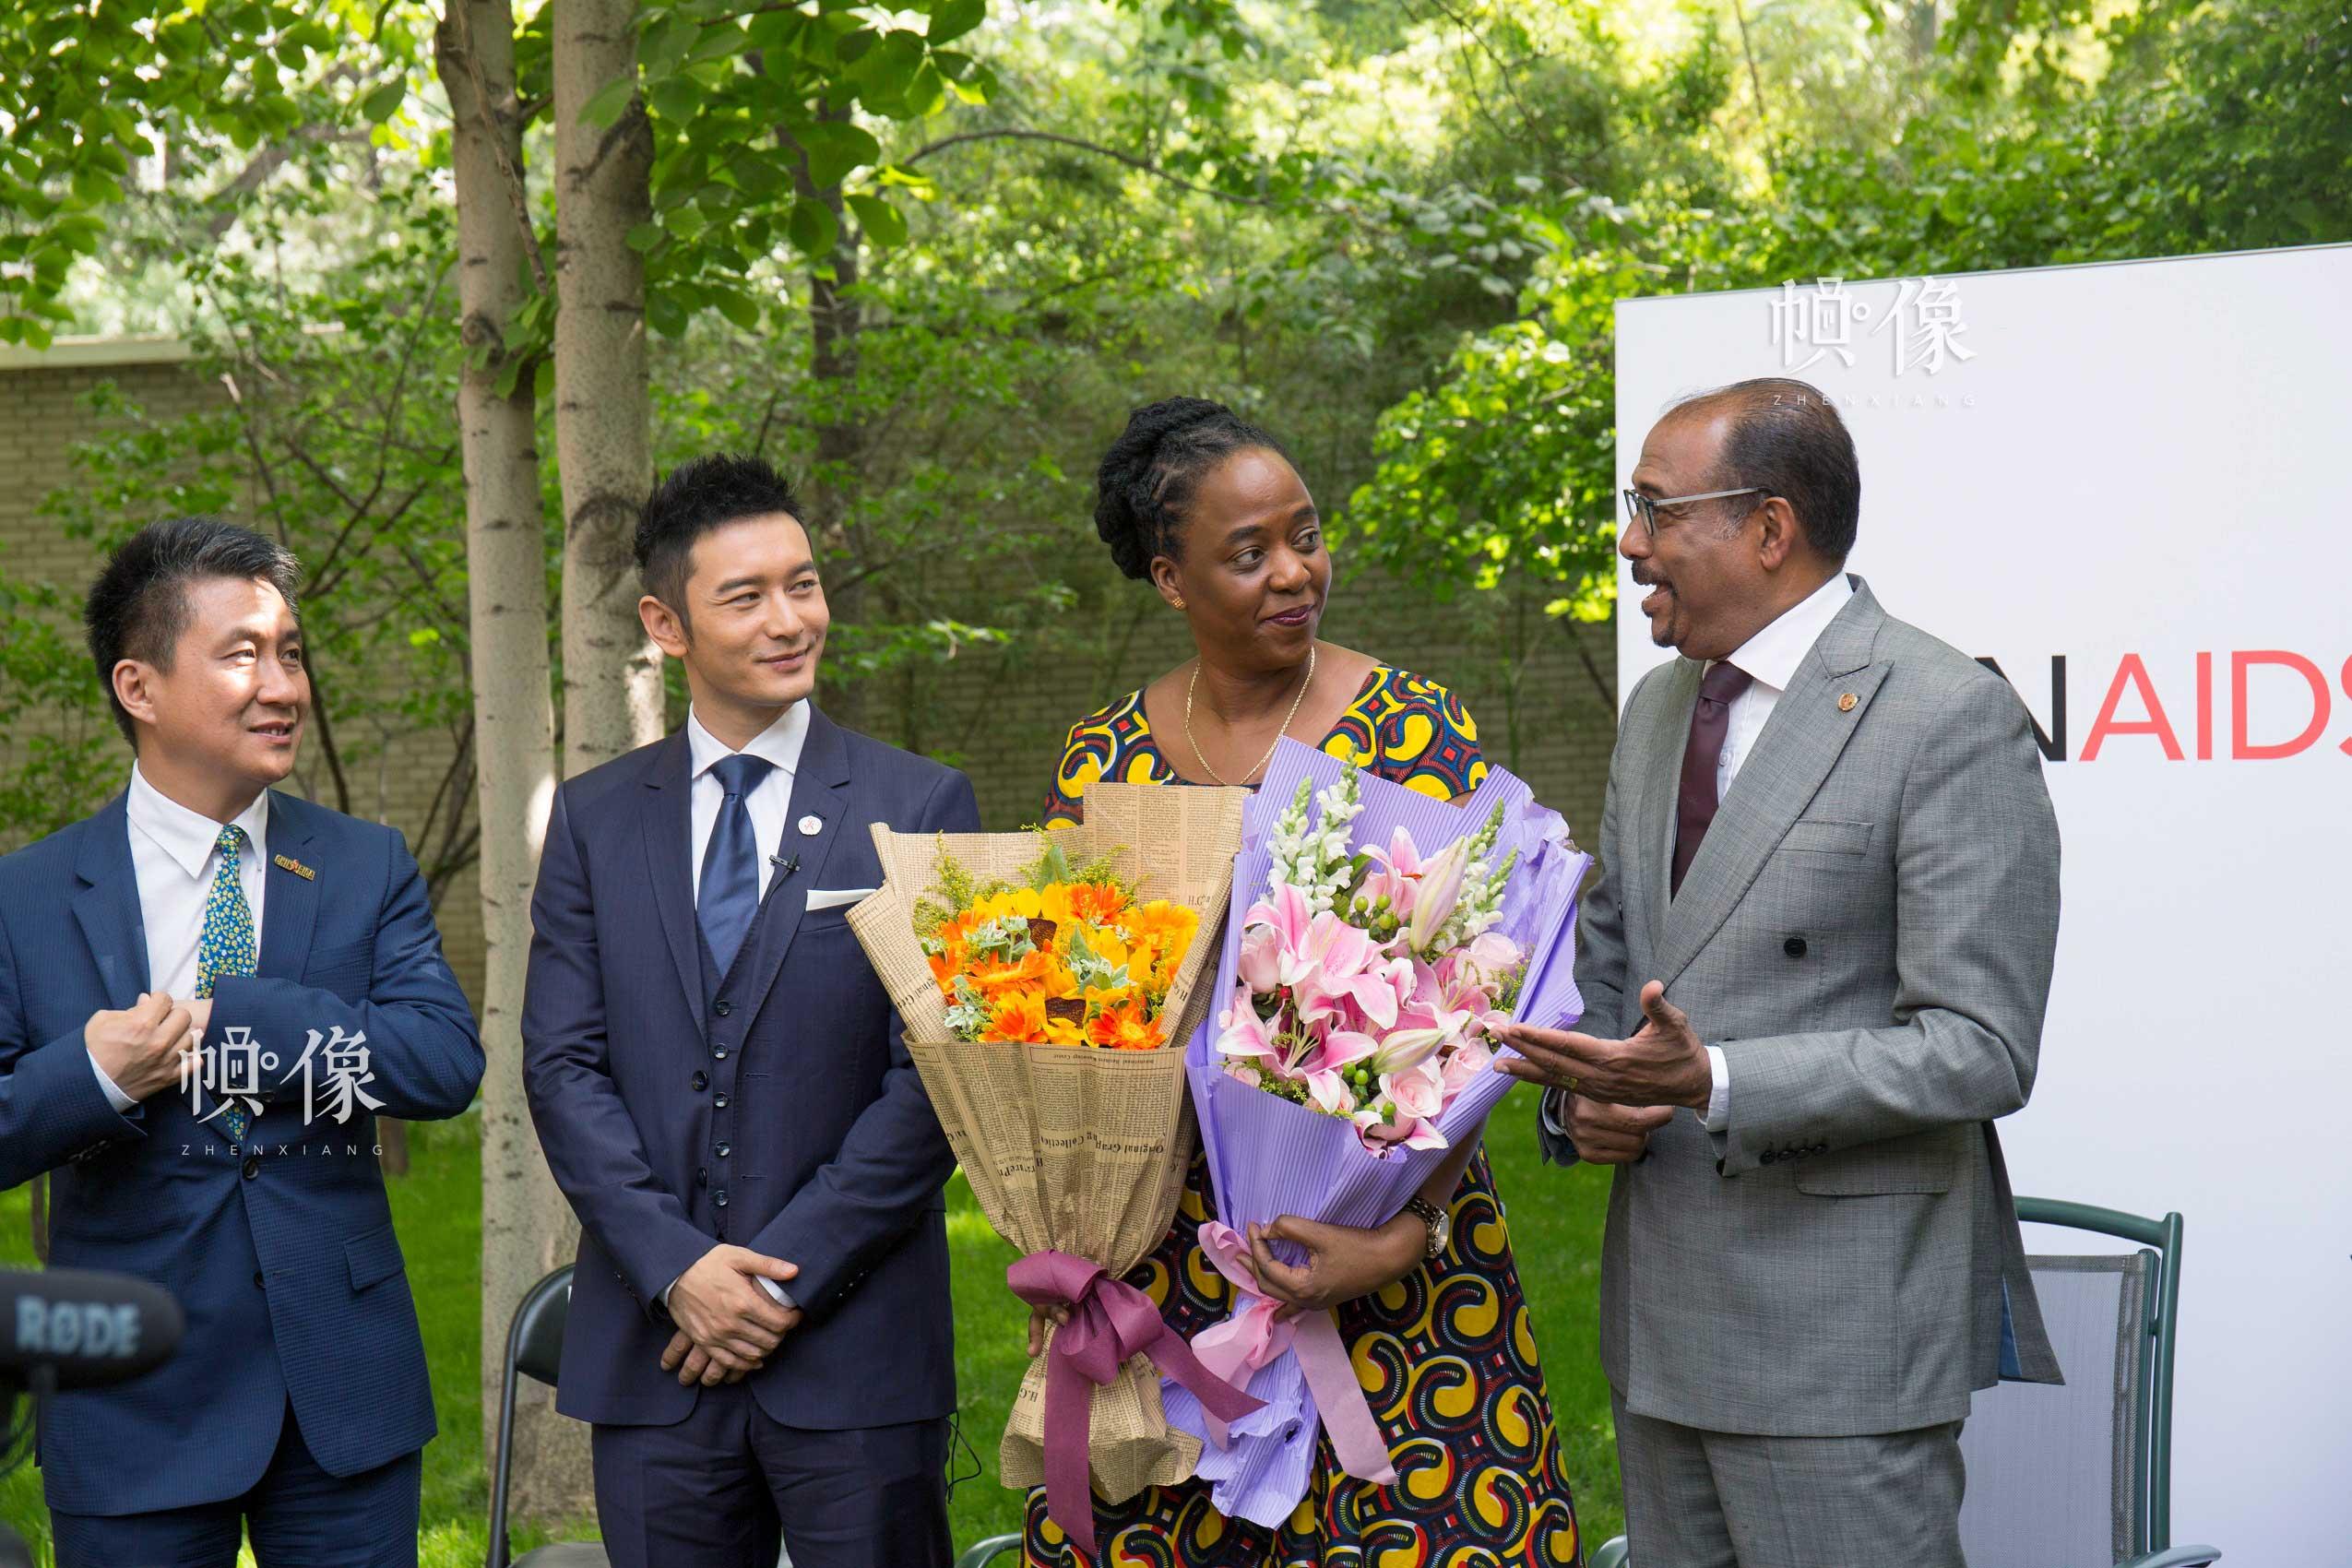 聯合國艾滋病規劃署駐華代表蘇凱琳博士接受獻花。中國網記者 高南 攝